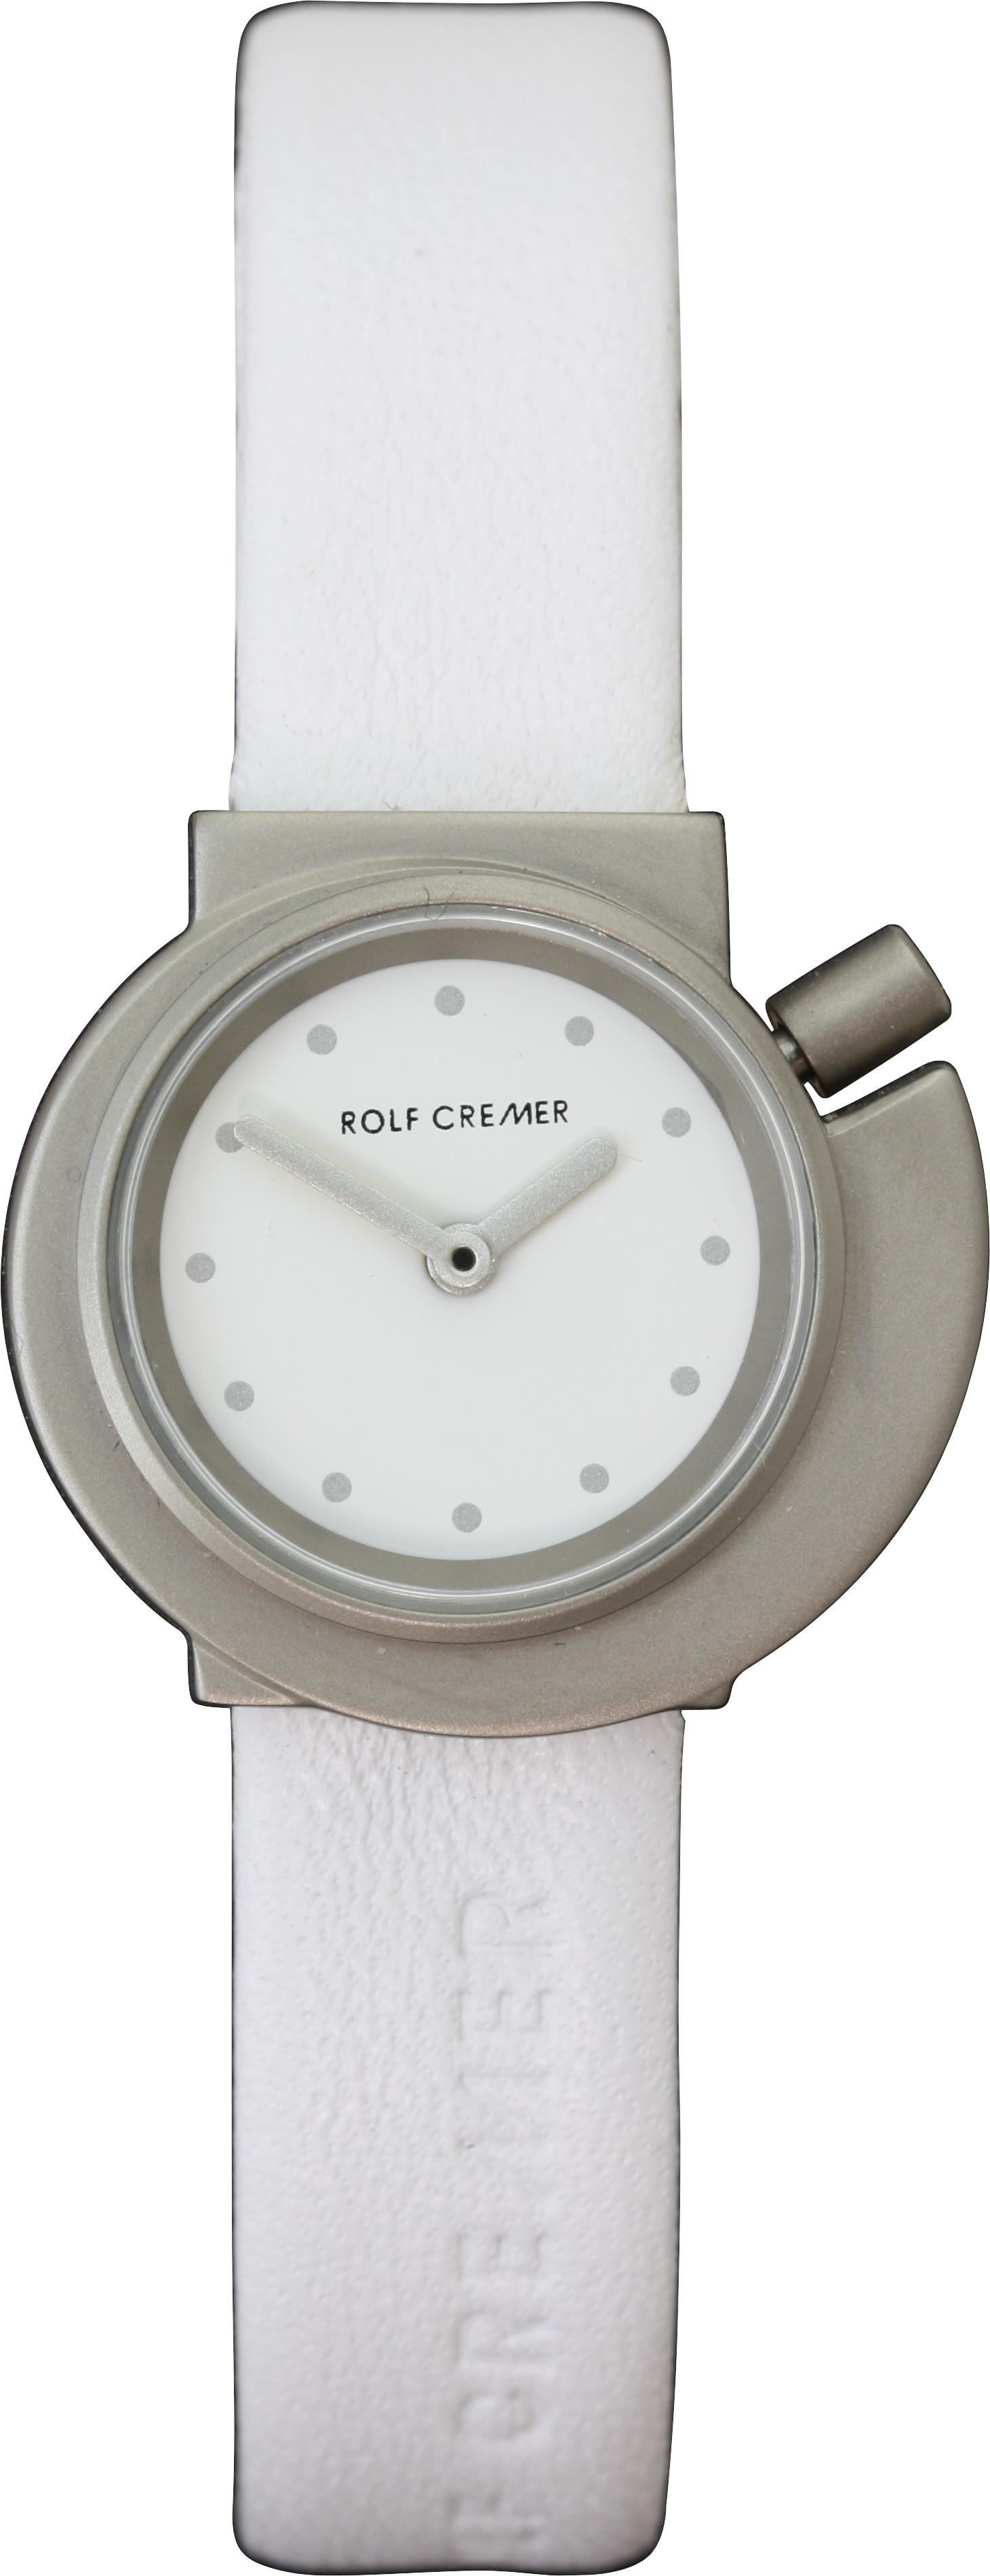 Часы наручные Rolf Cremer Spirale 3 White SilverЧасы Rolf Cremer. Производитель: Rolf Cremer, Германия. Механизм: Кварцевый Miyota 2035(Япония).  Корпус: Титан. Размер циферблата: 4,1/4,4/0,8 см. Размер ремешка: 18/1 см. Материал ремешка: Натуральная кожа. Стекло: Минеральное. Водонепроницаемость: 3 АТМ. Избегать контакта с горячей водой и паром. Гарантия 1 год.<br><br>Механизм: кварцевый<br>Форма корпуса: Круг<br>Цвет: белый<br>Ремешок: натуральная кожа<br>Пол: женские